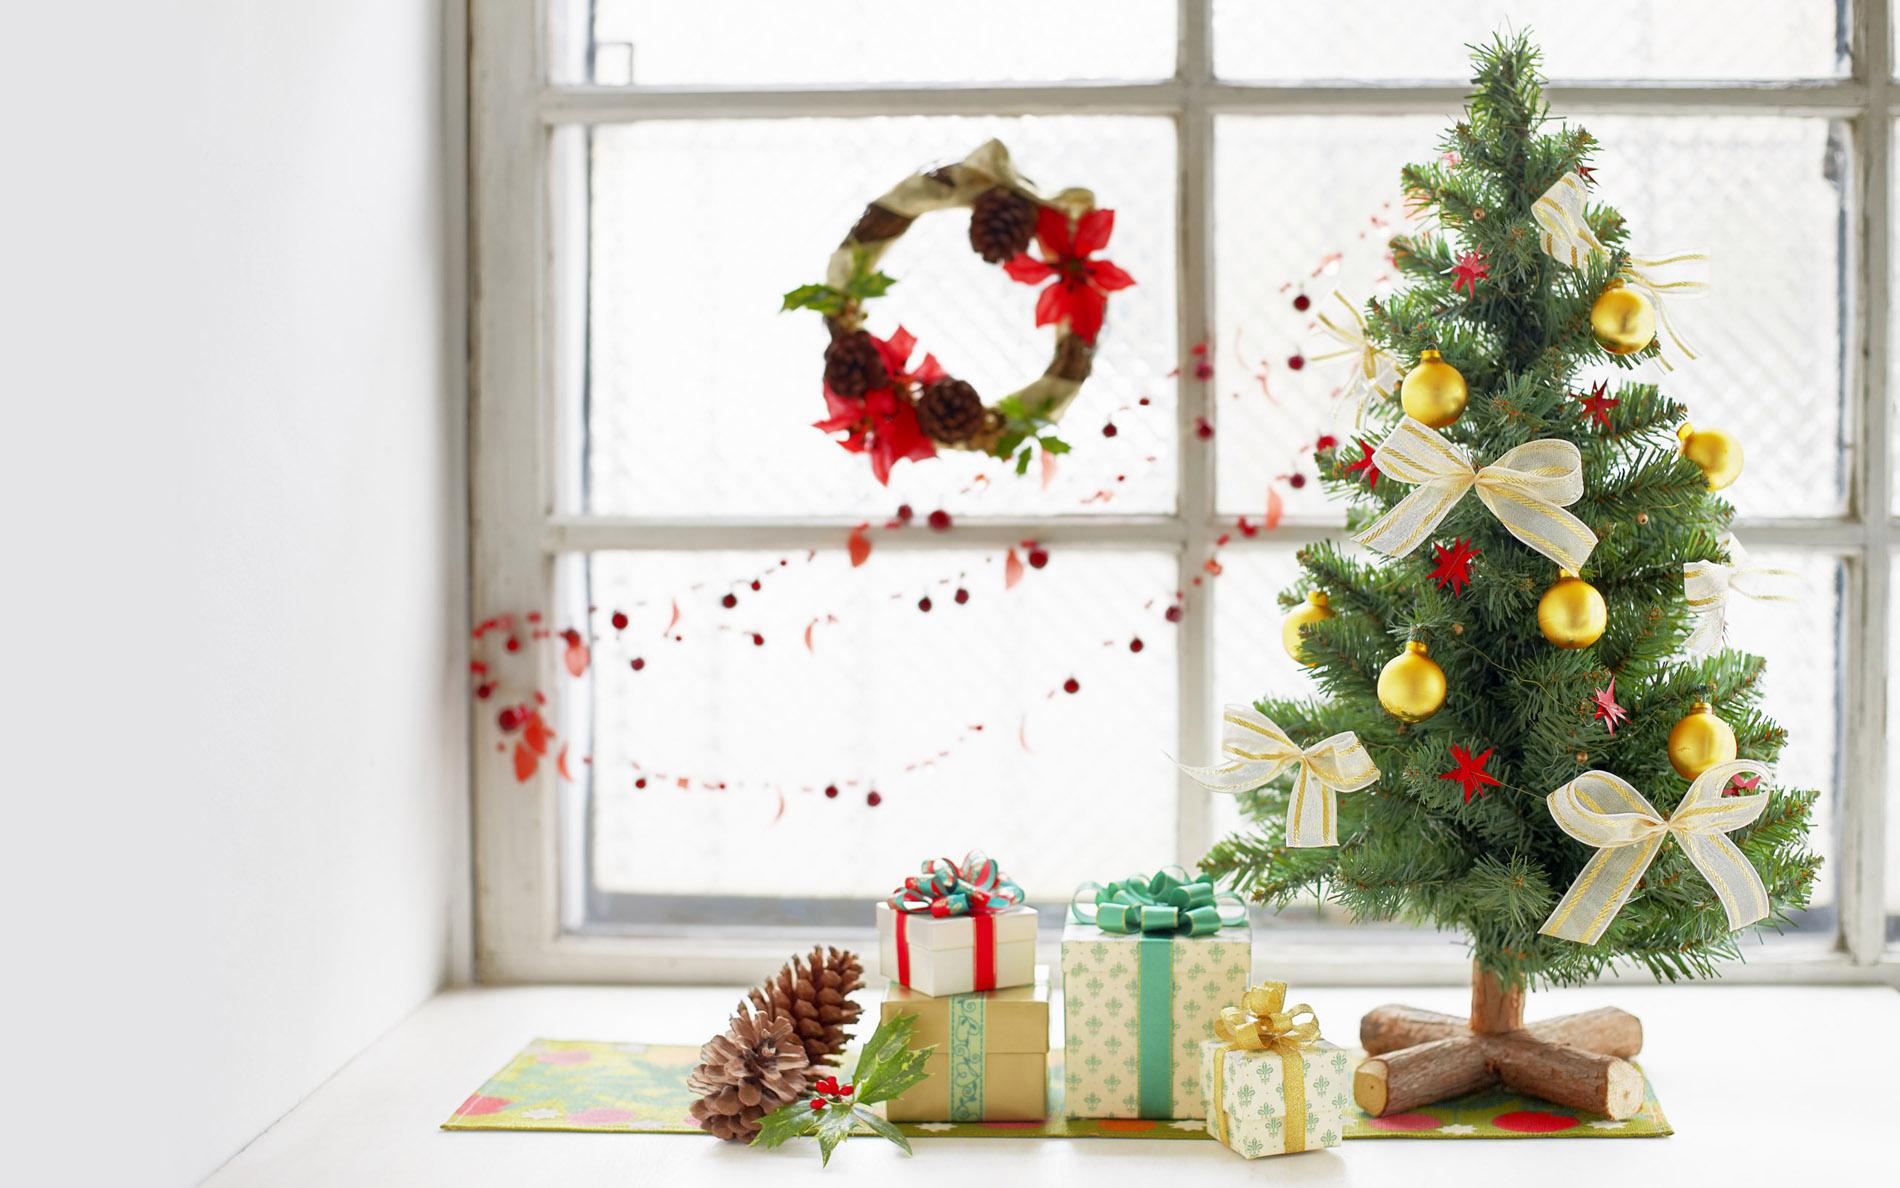 Красивое оформление окна к Новому году